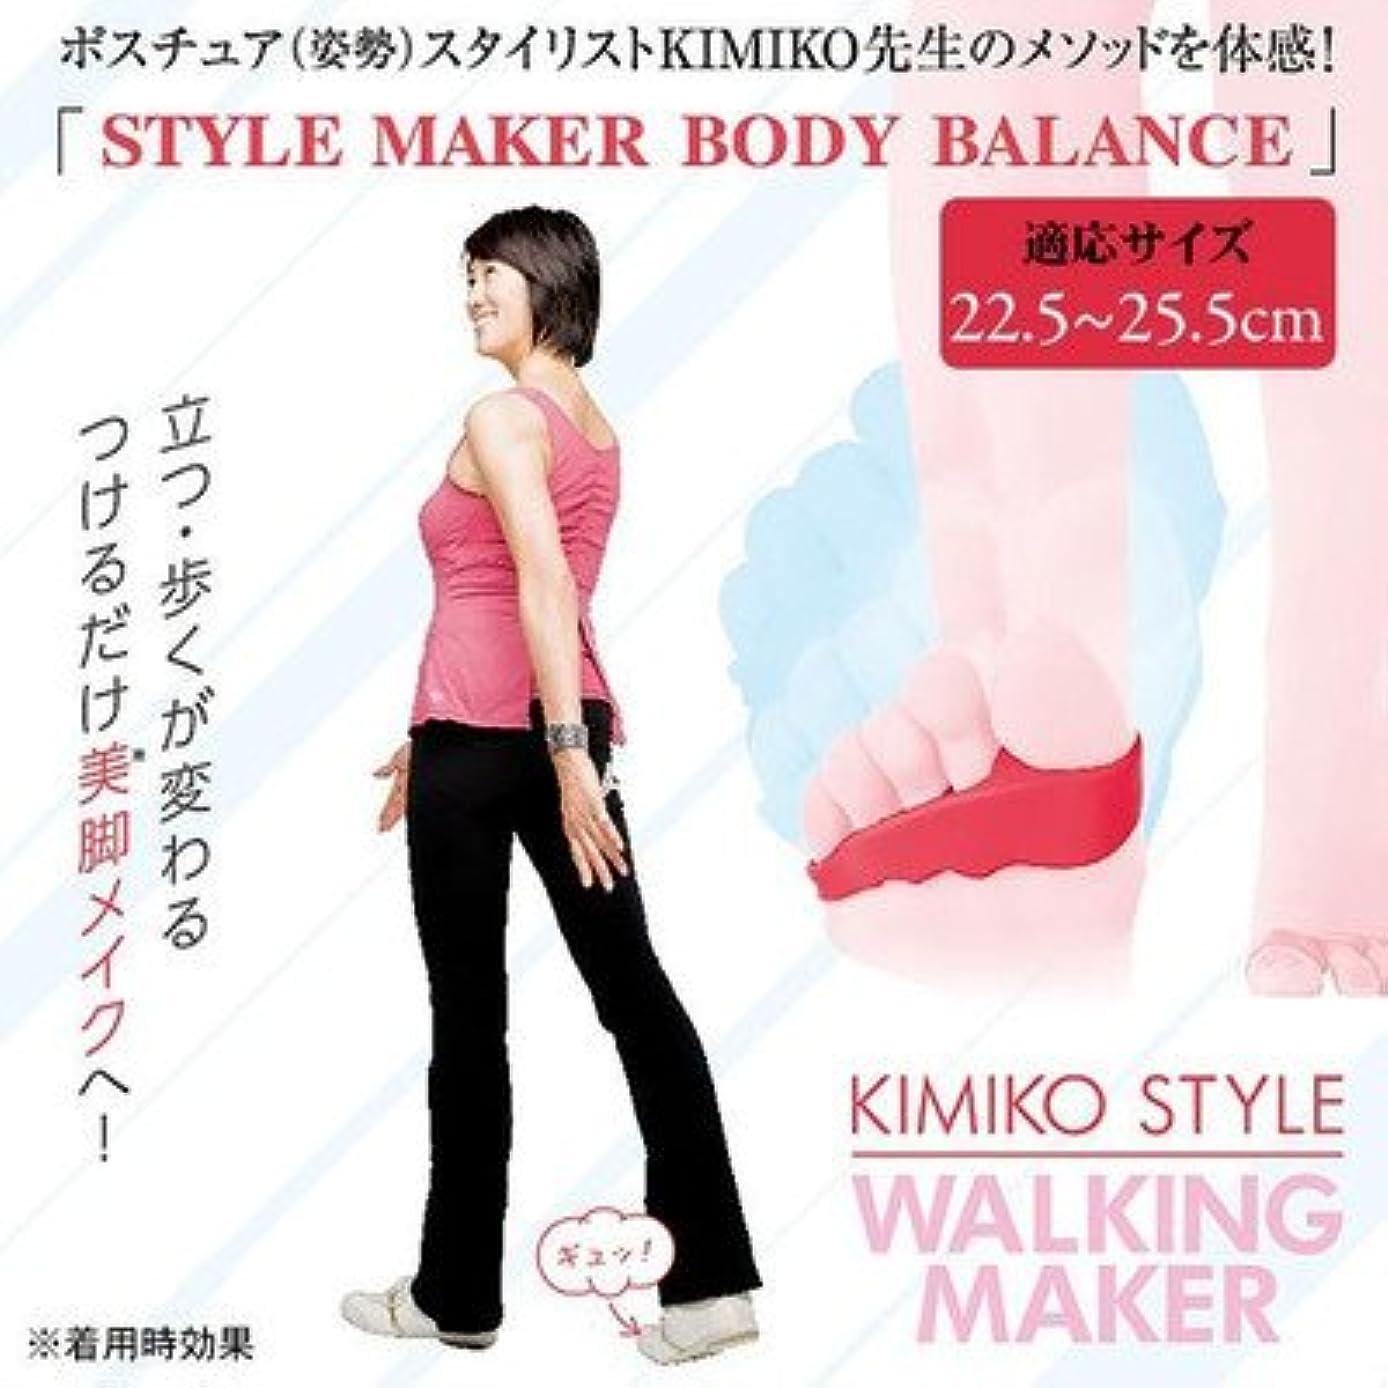 ヘクタールエキスパートフィラデルフィア付けて歩いて 正しい歩行姿勢へナビゲート KIMIKO STYLE キミコスタイル WALKING MAKER ウォーキングメーカー 1足入